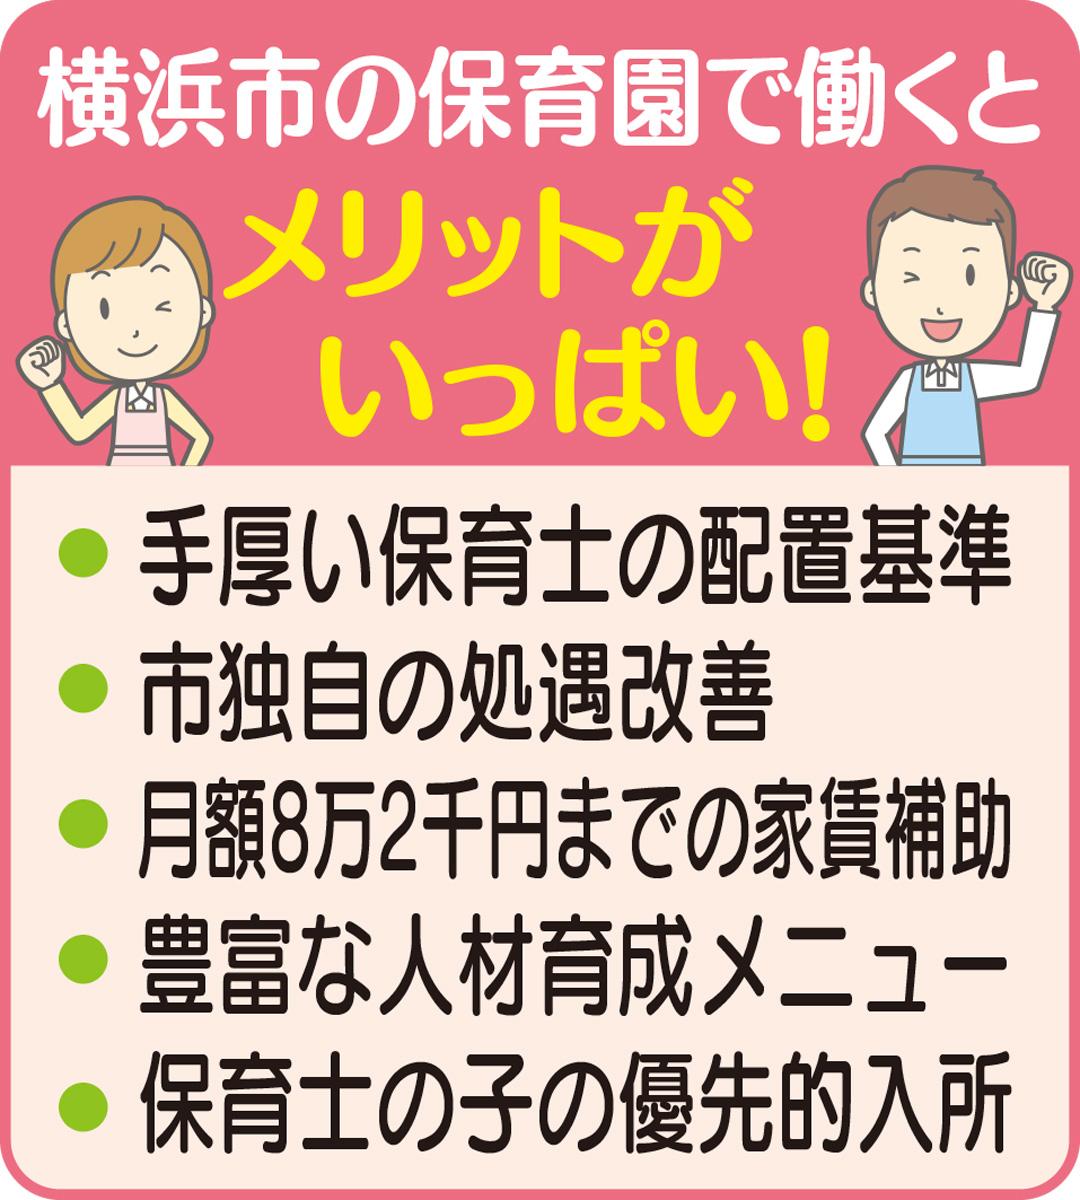 横浜の保育園で働こう